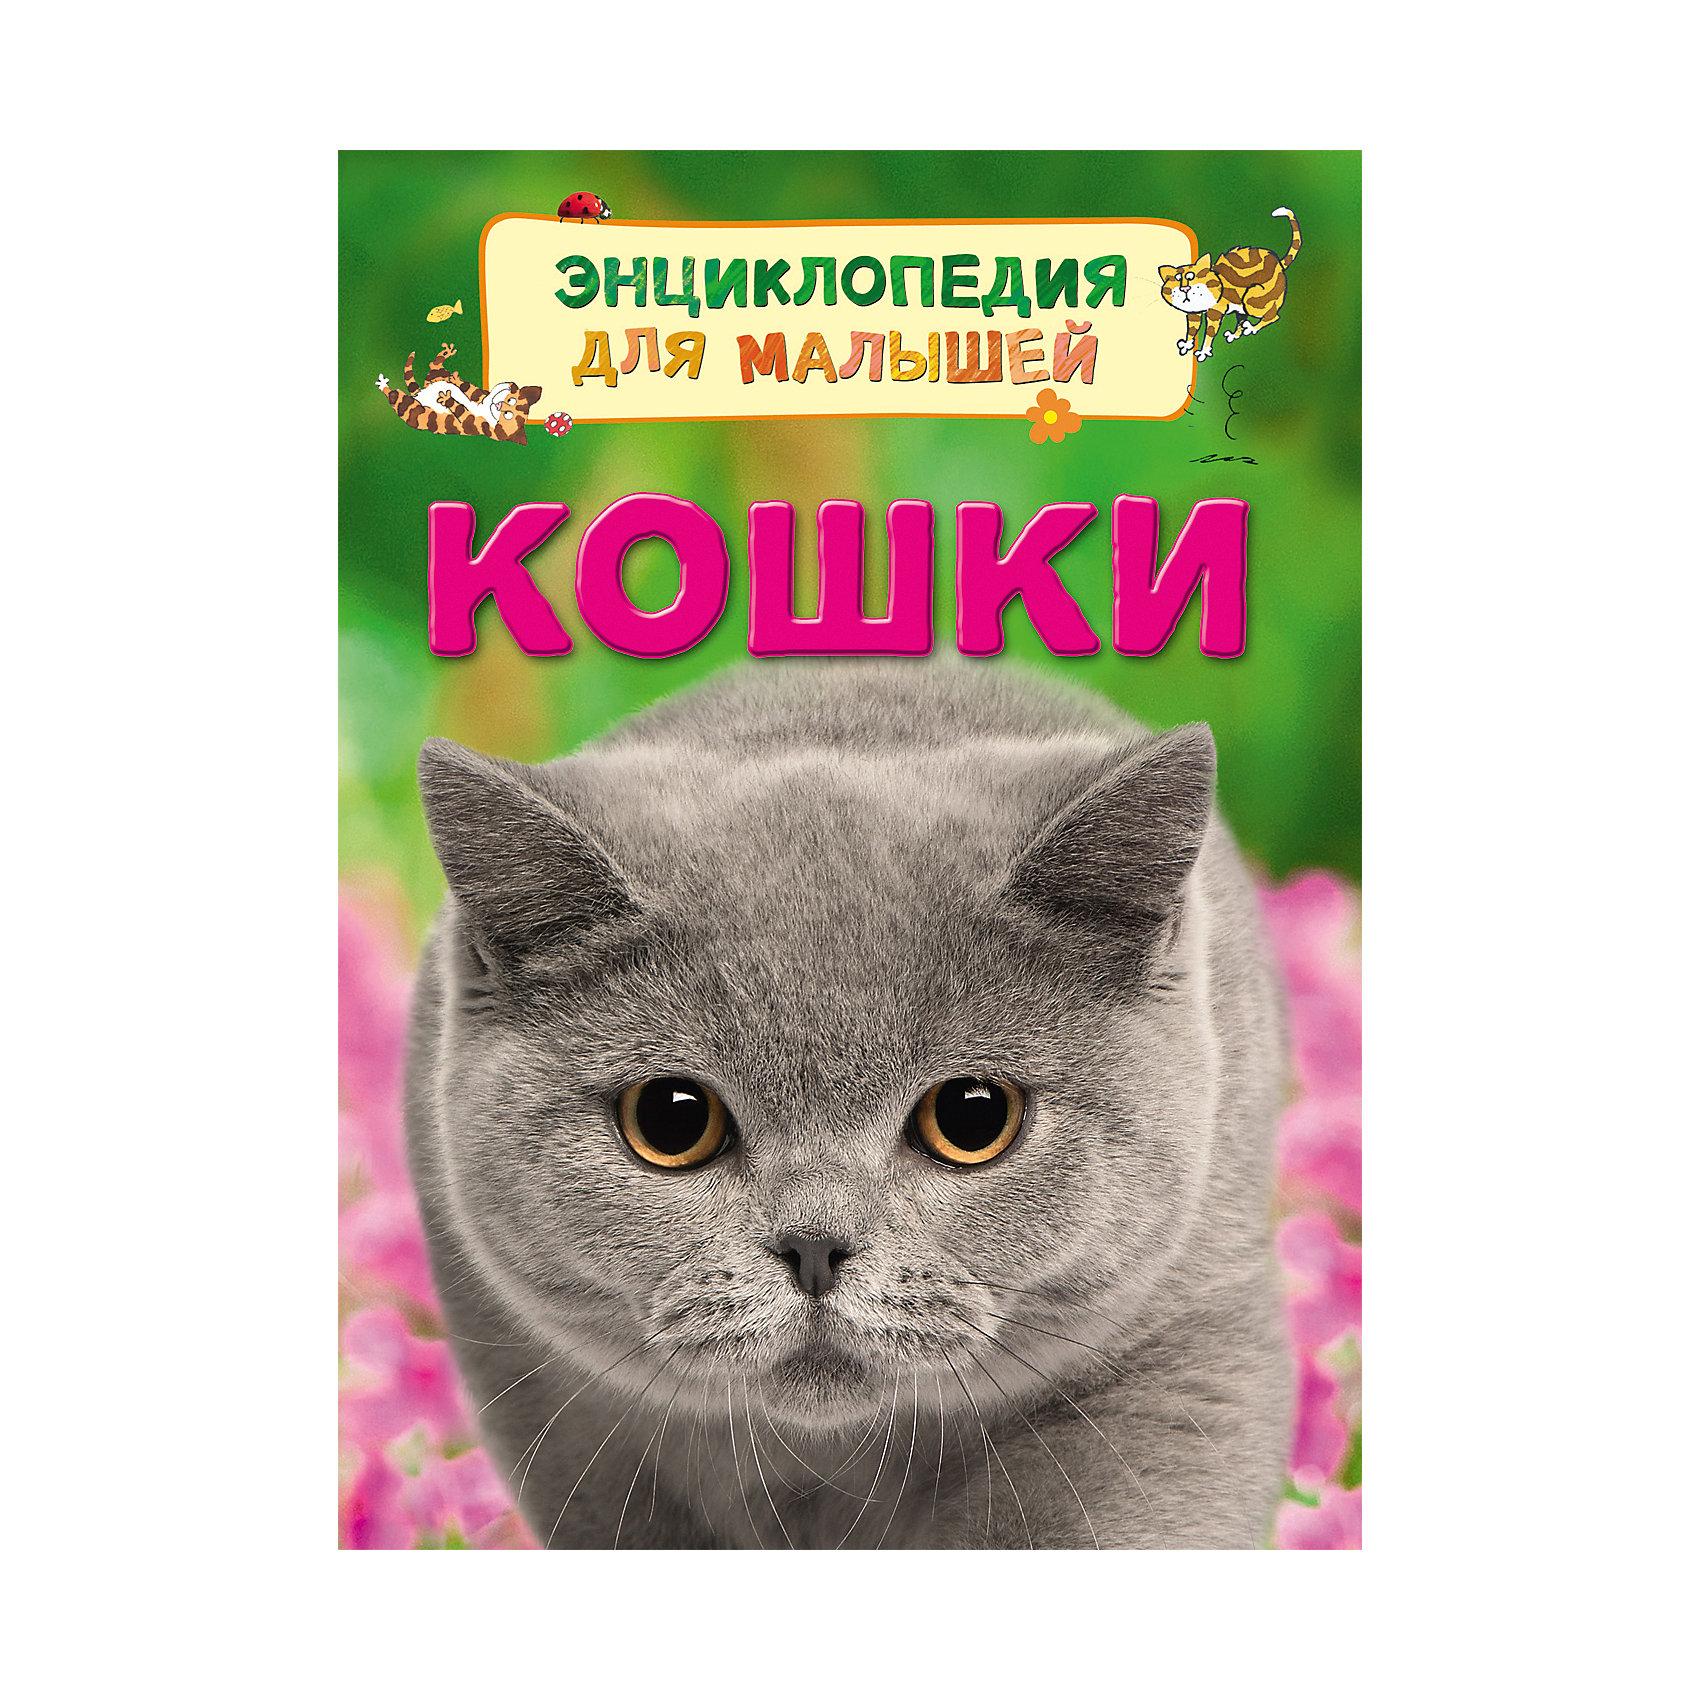 Кошки (Энциклопедия для малышей)Характеристики товара:<br><br>- цвет: разноцветный;<br>- материал: бумага;<br>- страниц: 32;<br>- формат: 22 х 17 см;<br>- обложка: твердая;<br>- цветные иллюстрации.<br><br>Эта интересная книга с иллюстрациями станет отличным подарком для ребенка. Она содержит в себе ответы на вопросы, которые интересуют малышей. Всё представлено в очень простой форме! Талантливый иллюстратор дополнил книгу качественными рисунками, которые помогают ребенку понять суть многих вещей в нашем мире. Удивительные и интересные факты помогут привить любовь к учебе!<br>Чтение - отличный способ активизации мышления, оно помогает ребенку развивать зрительную память, концентрацию внимания и воображение. Издание произведено из качественных материалов, которые безопасны даже для самых маленьких.<br><br>Книгу Кошки (Энциклопедия для малышей) от компании Росмэн можно купить в нашем интернет-магазине.<br><br>Ширина мм: 220<br>Глубина мм: 167<br>Высота мм: 7<br>Вес г: 190<br>Возраст от месяцев: 36<br>Возраст до месяцев: 72<br>Пол: Унисекс<br>Возраст: Детский<br>SKU: 5109959